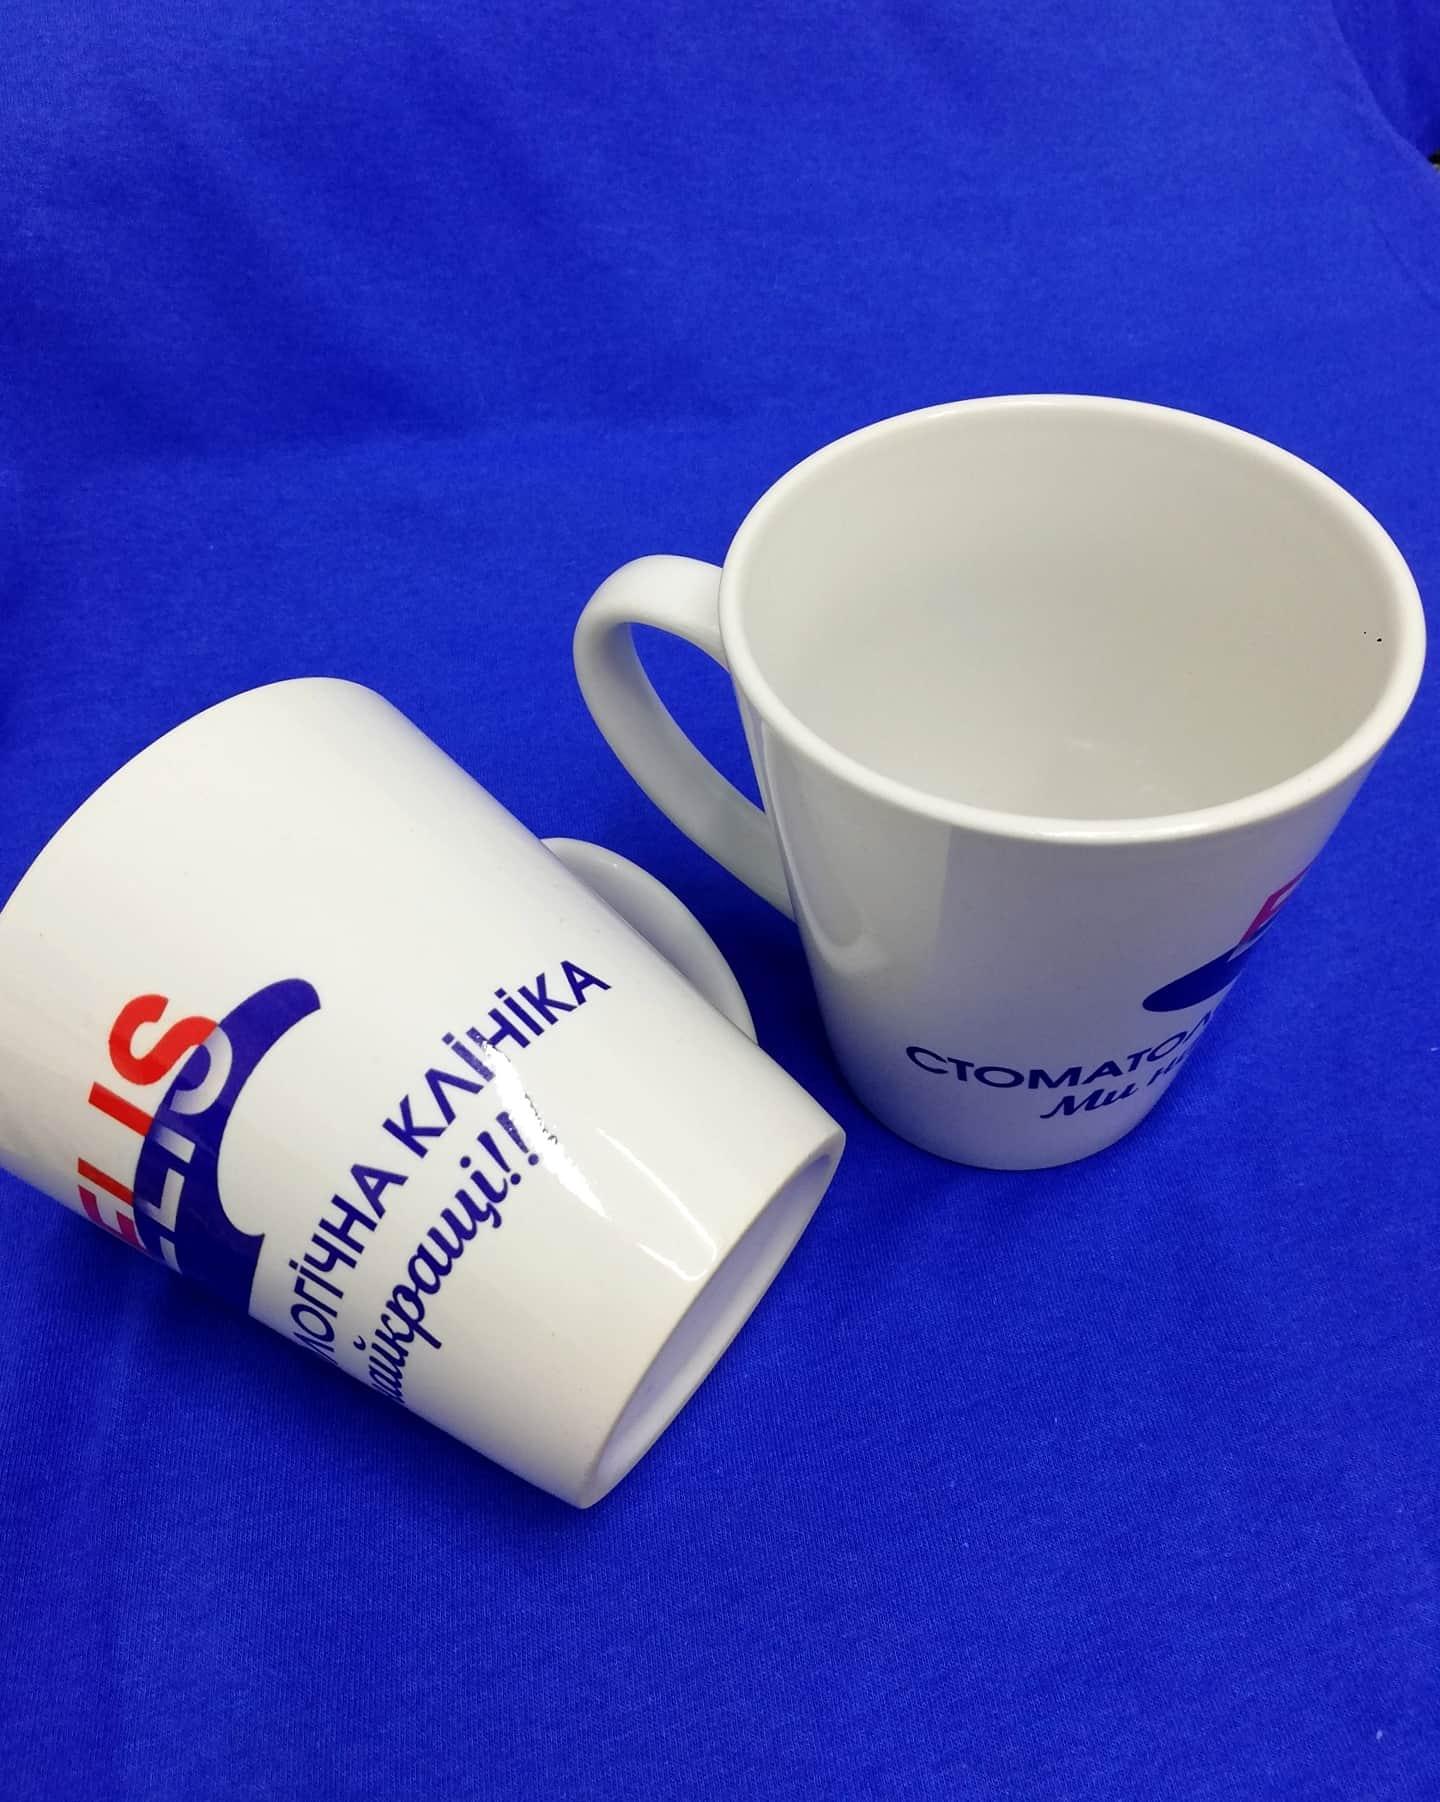 Чашка для стоматологической клиники. Печать на чашках Киев. Печать на кружках. Стильная печать. Печать для клиники. Подарок другу.